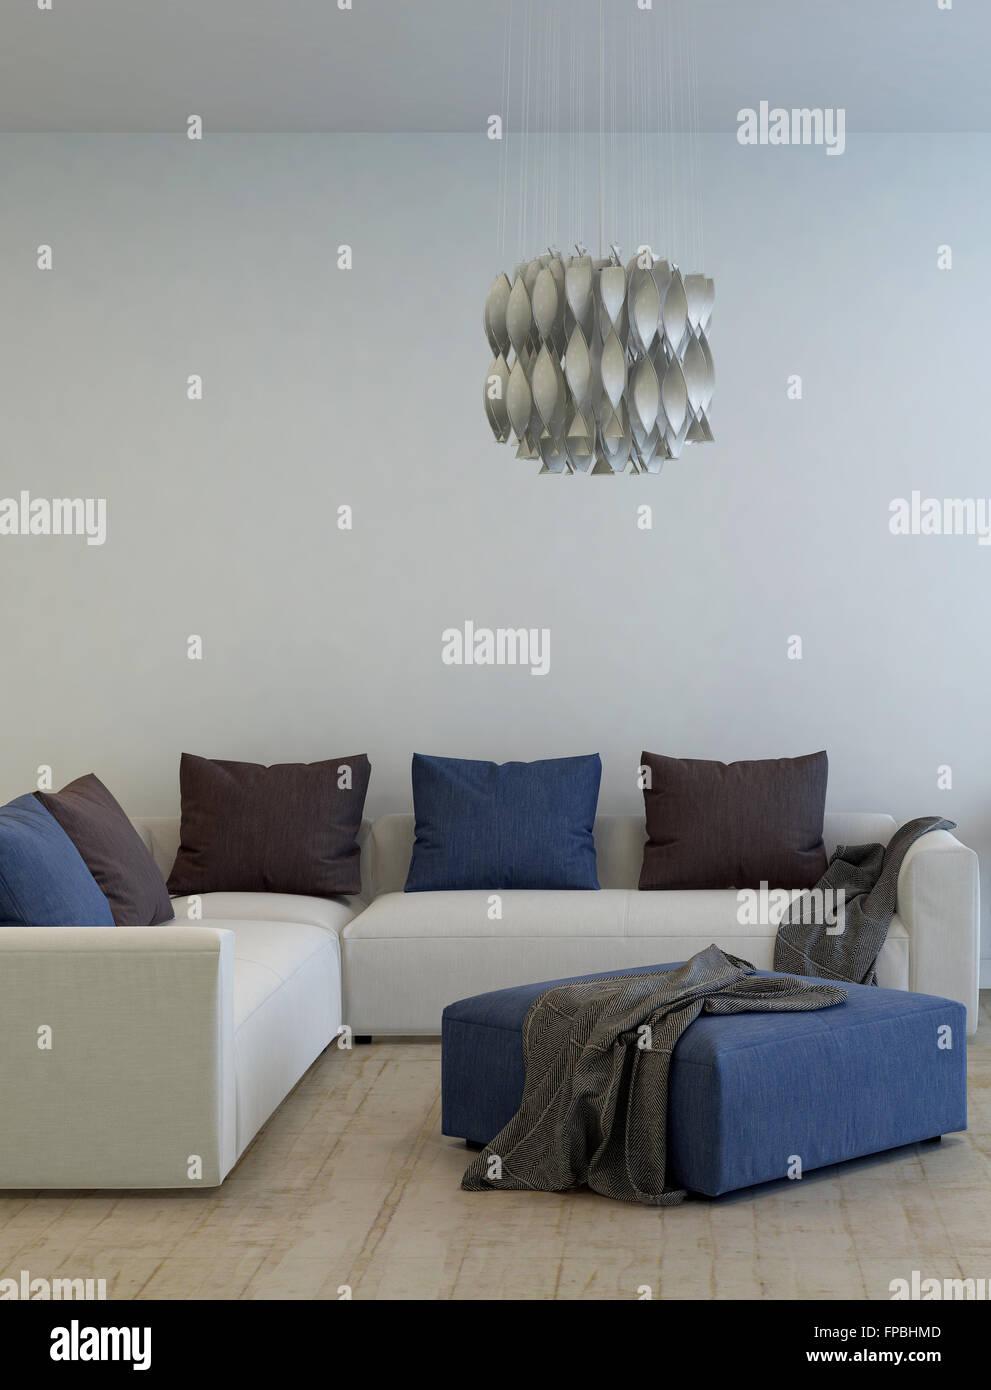 Moderne Wohnzimmer Interieur Mit Einer Ecksuite Einheit Lounge Und  Osmanischen Unter Einem Modernen Kronleuchter. 3D Rendering.